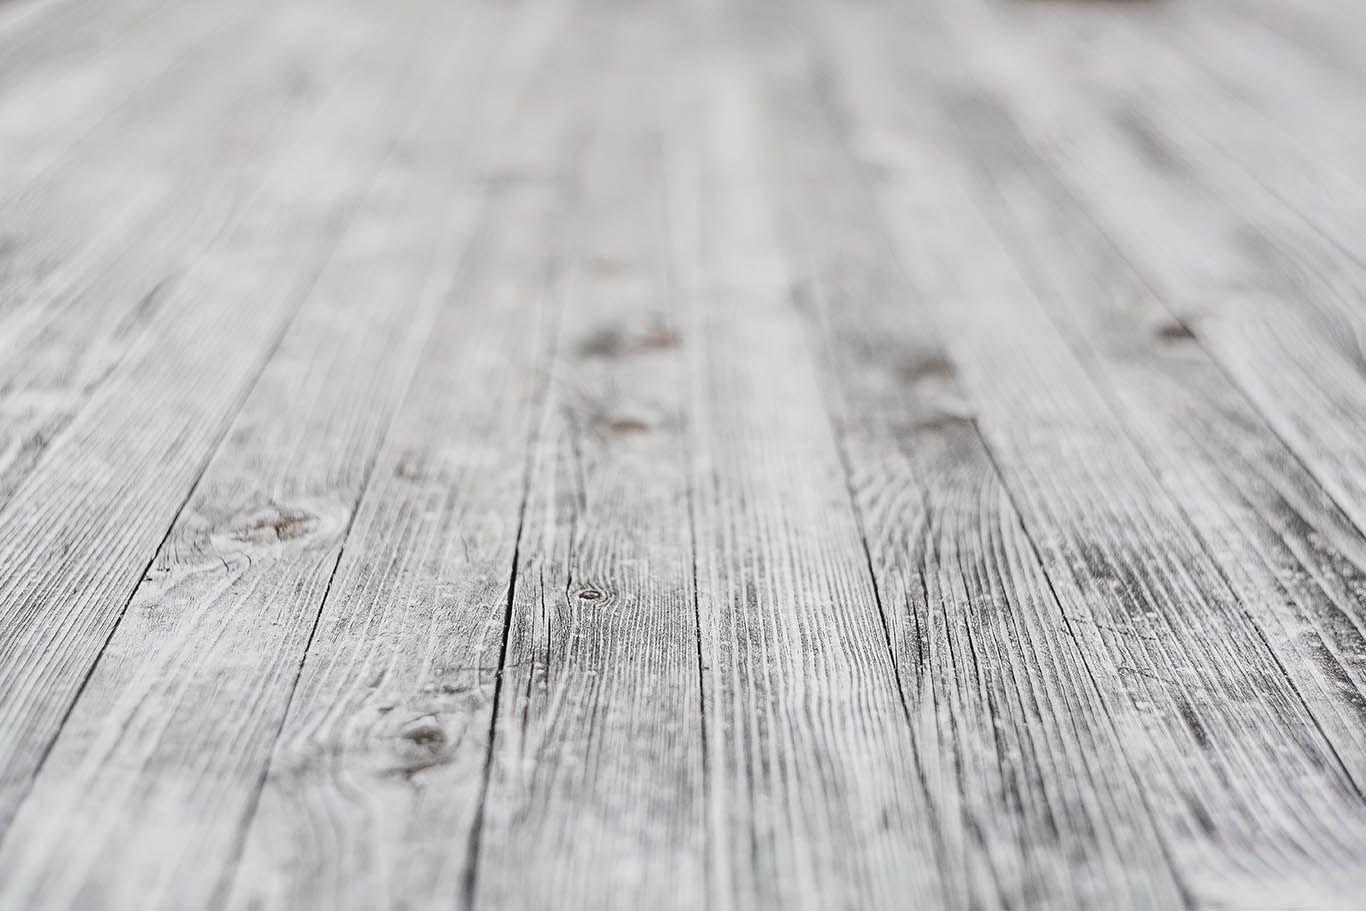 Kegunaan Kutek Bening untuk Perbaiki Benda di Rumah